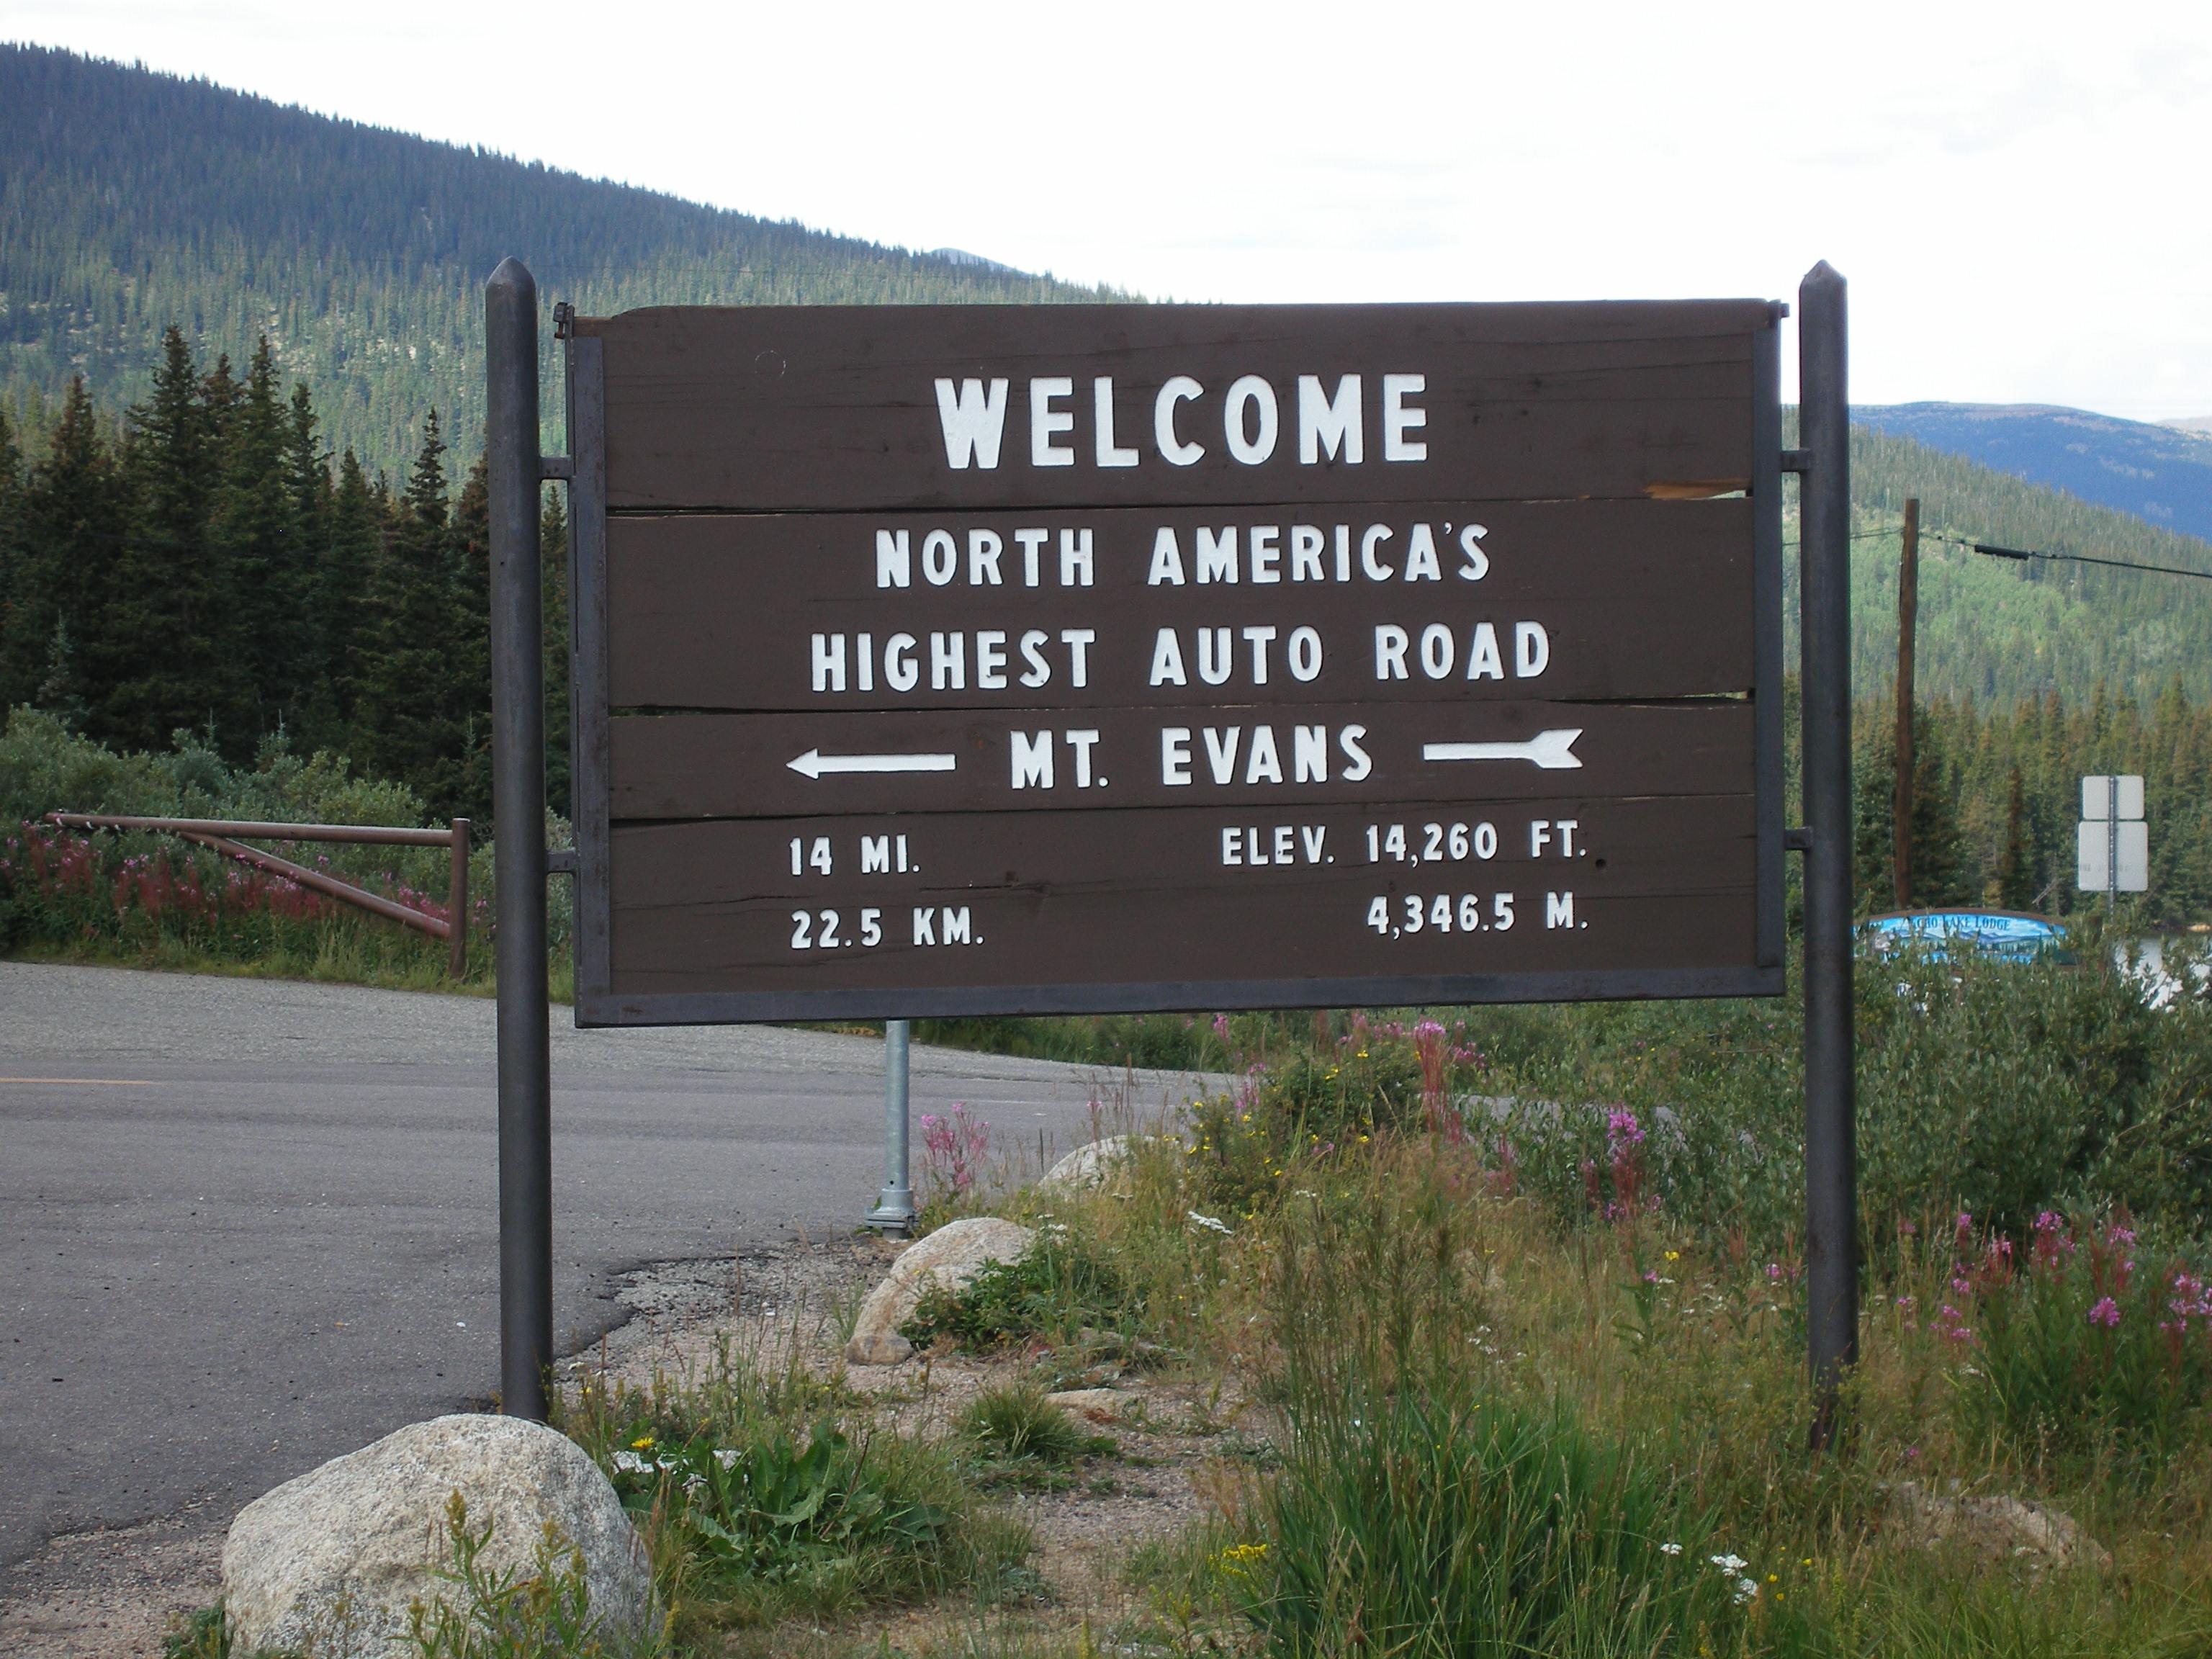 Mt. Evans Road Entrance Sign detail image